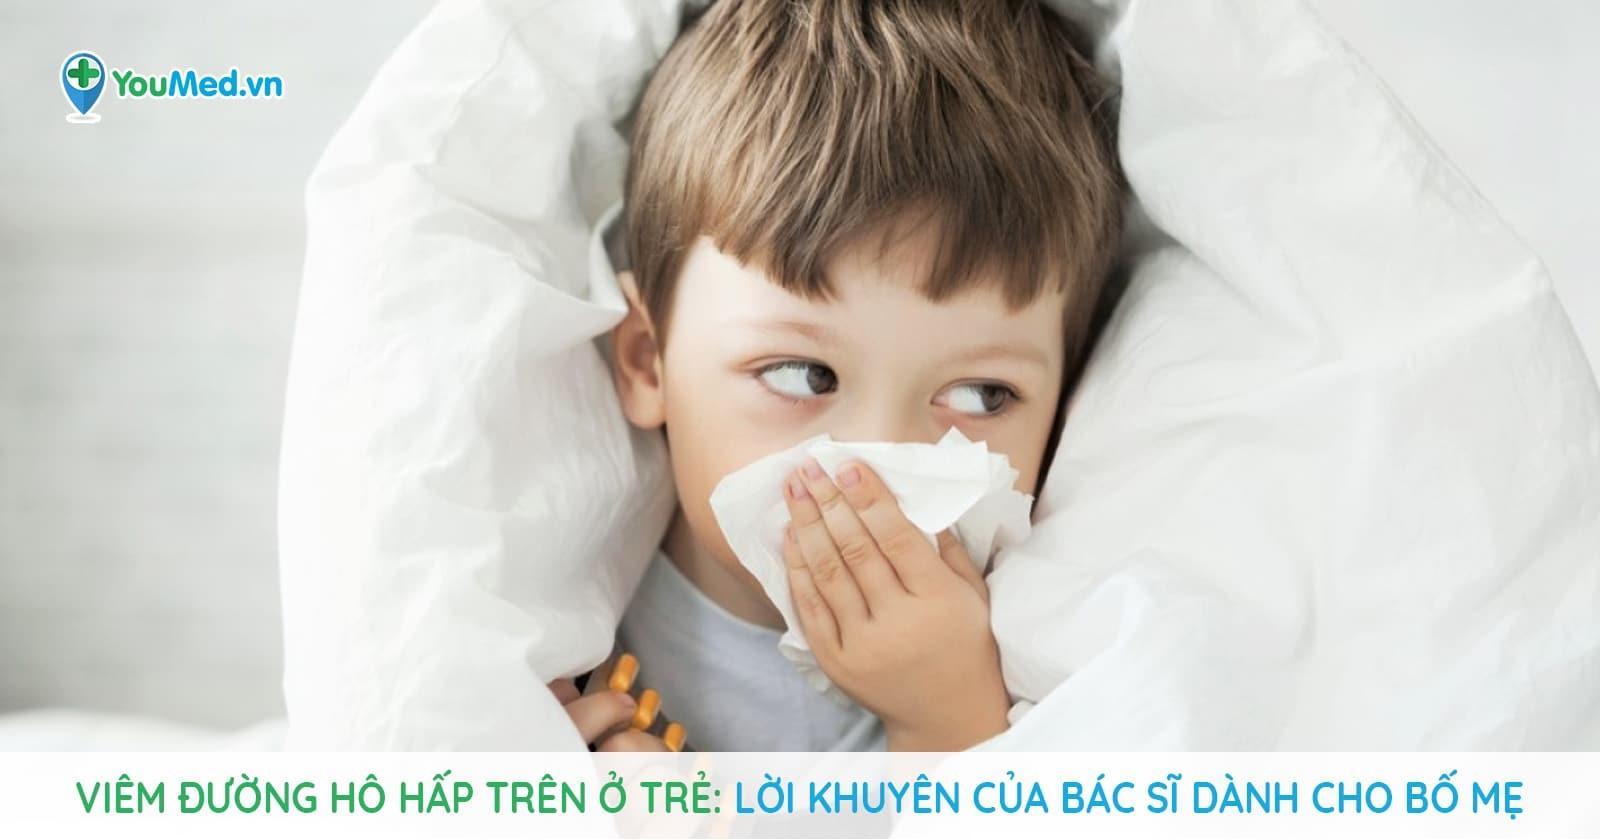 Viêm đường hô hấp trên ở trẻ: Lời khuyên của bác sĩ dành cho bố mẹ